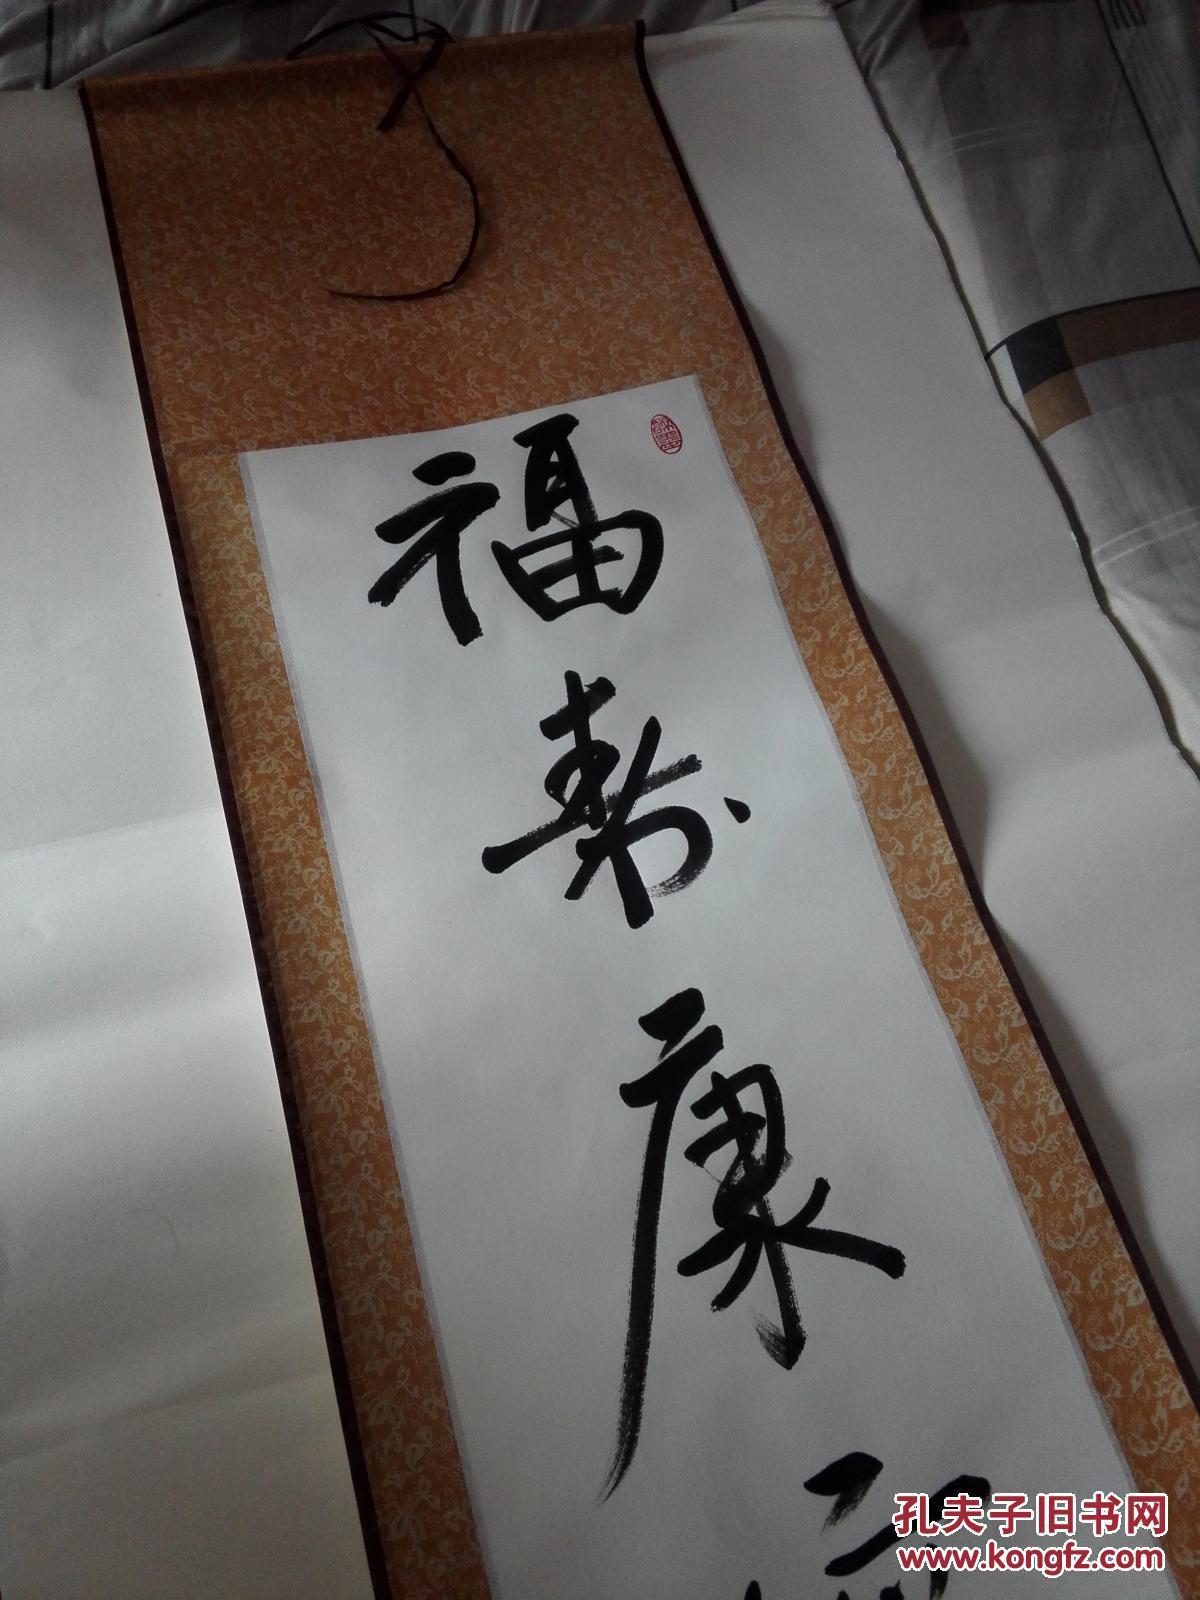 书法作品 书画作品 书法作品 挂轴 已装裱作品 书画图片